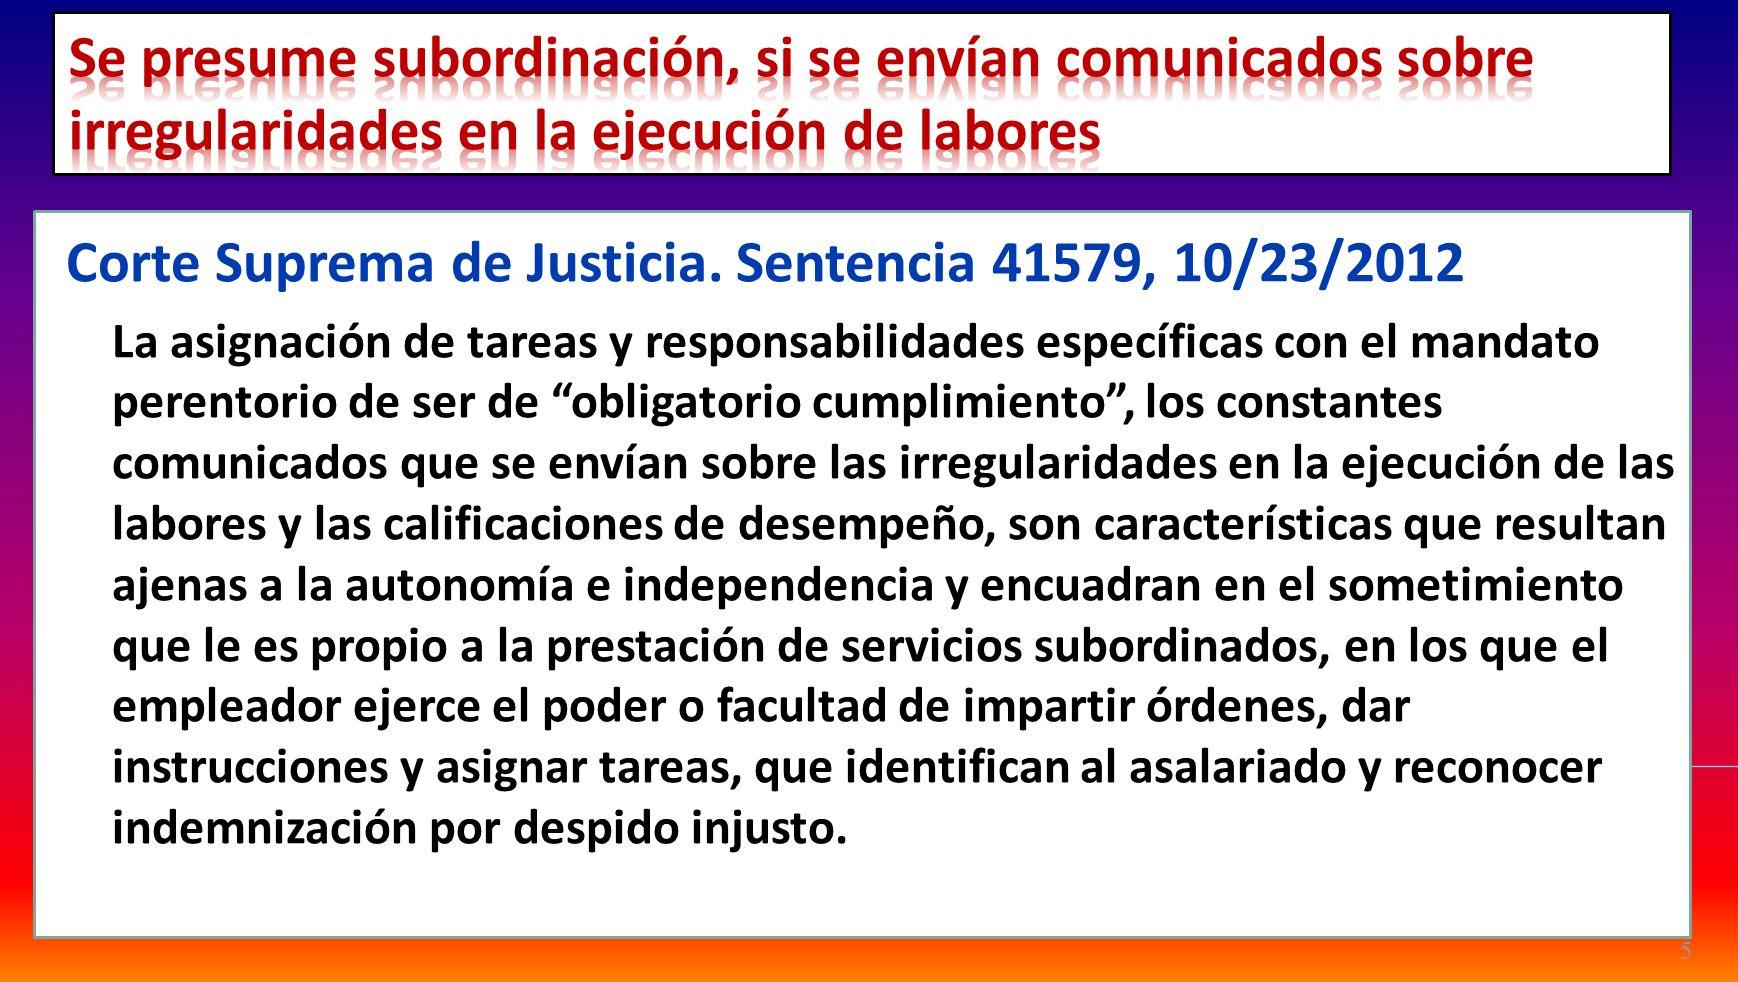 Corte Suprema de Justicia. Sentencia 41579, 10/23/2012 La asignación de tareas y responsabilidades específicas con el mandato perentorio de ser de obl